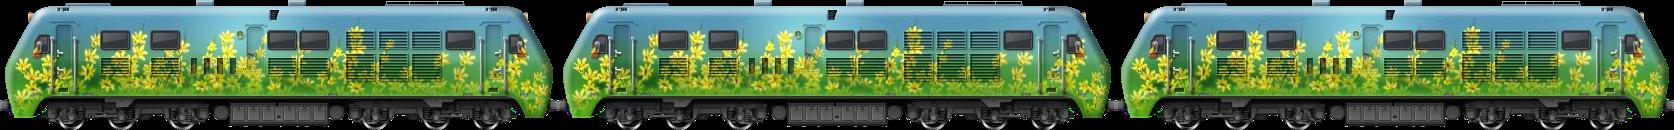 Bloom Cargo II